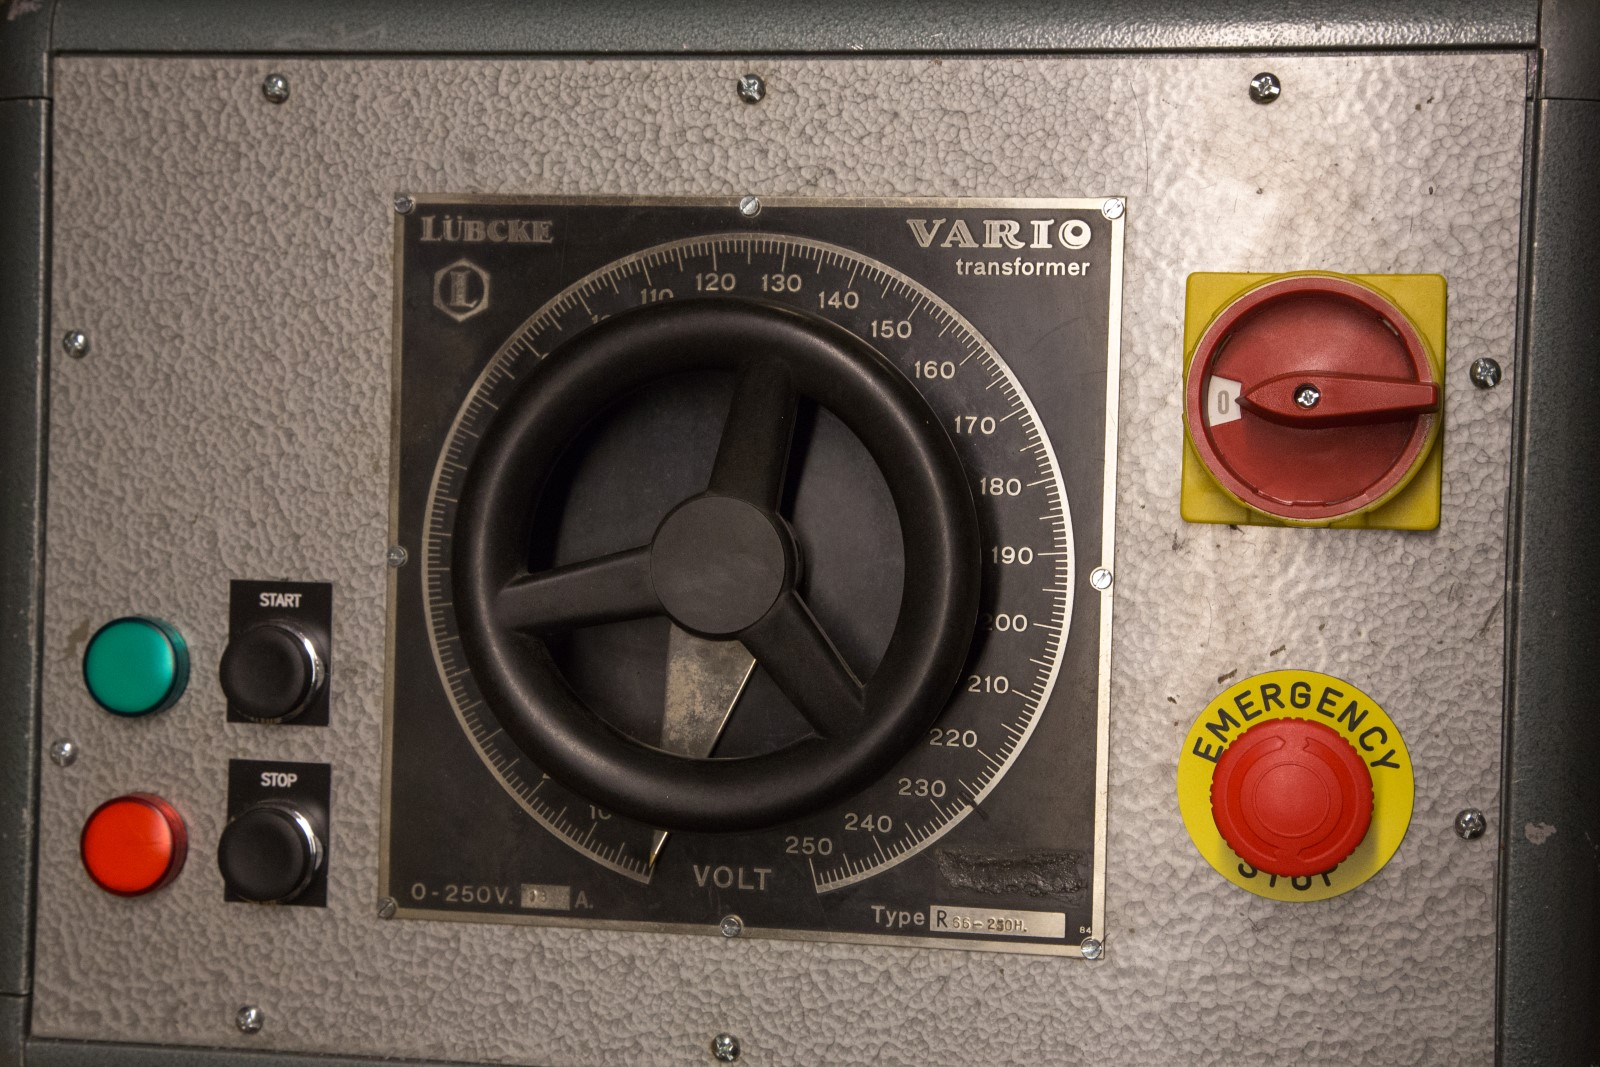 3 phase 13A Lübcke variac